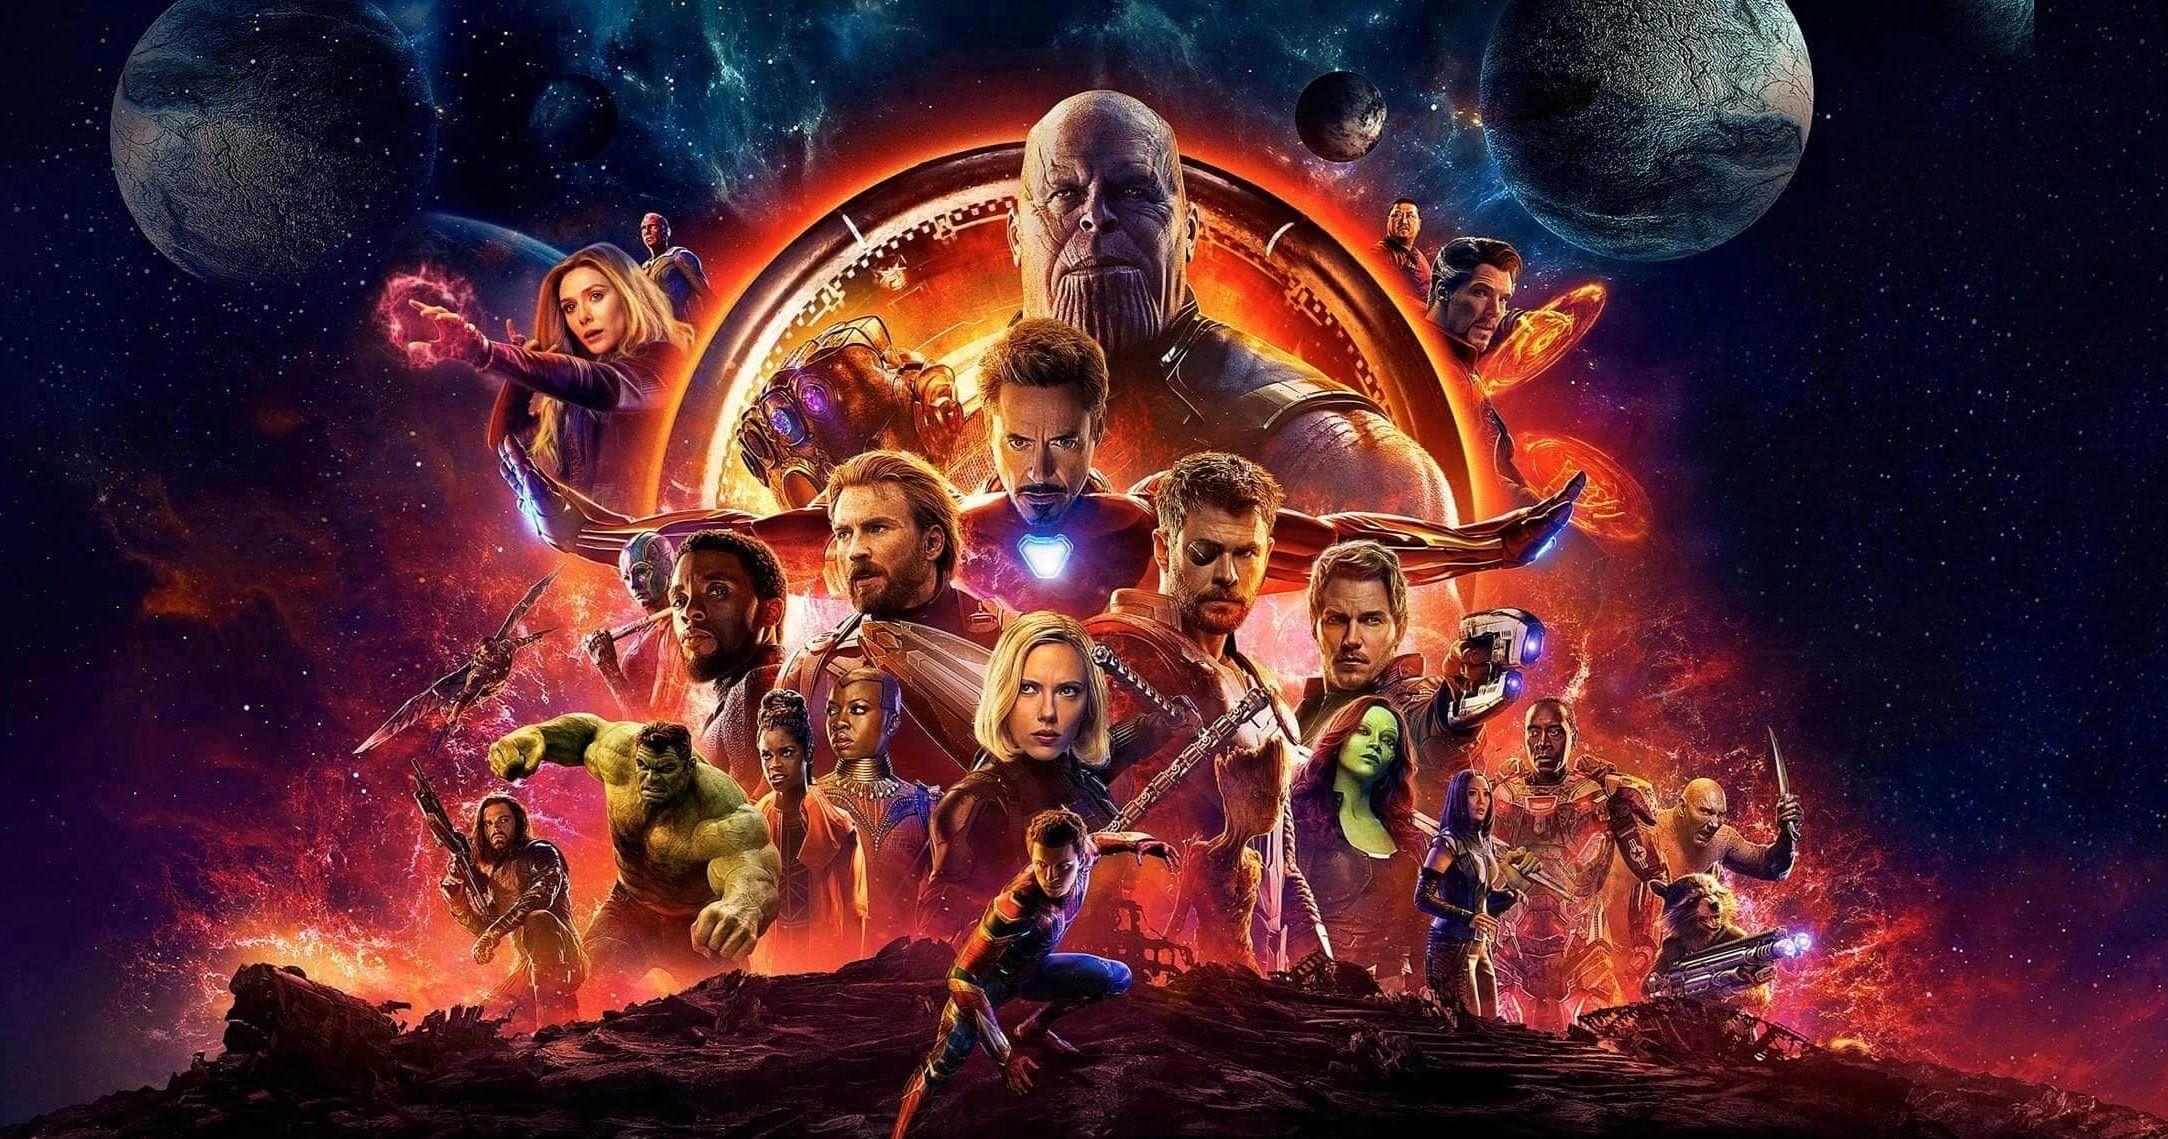 Avengers マーベルのヒーロー大集合映画の最新作 アベンジャーズ